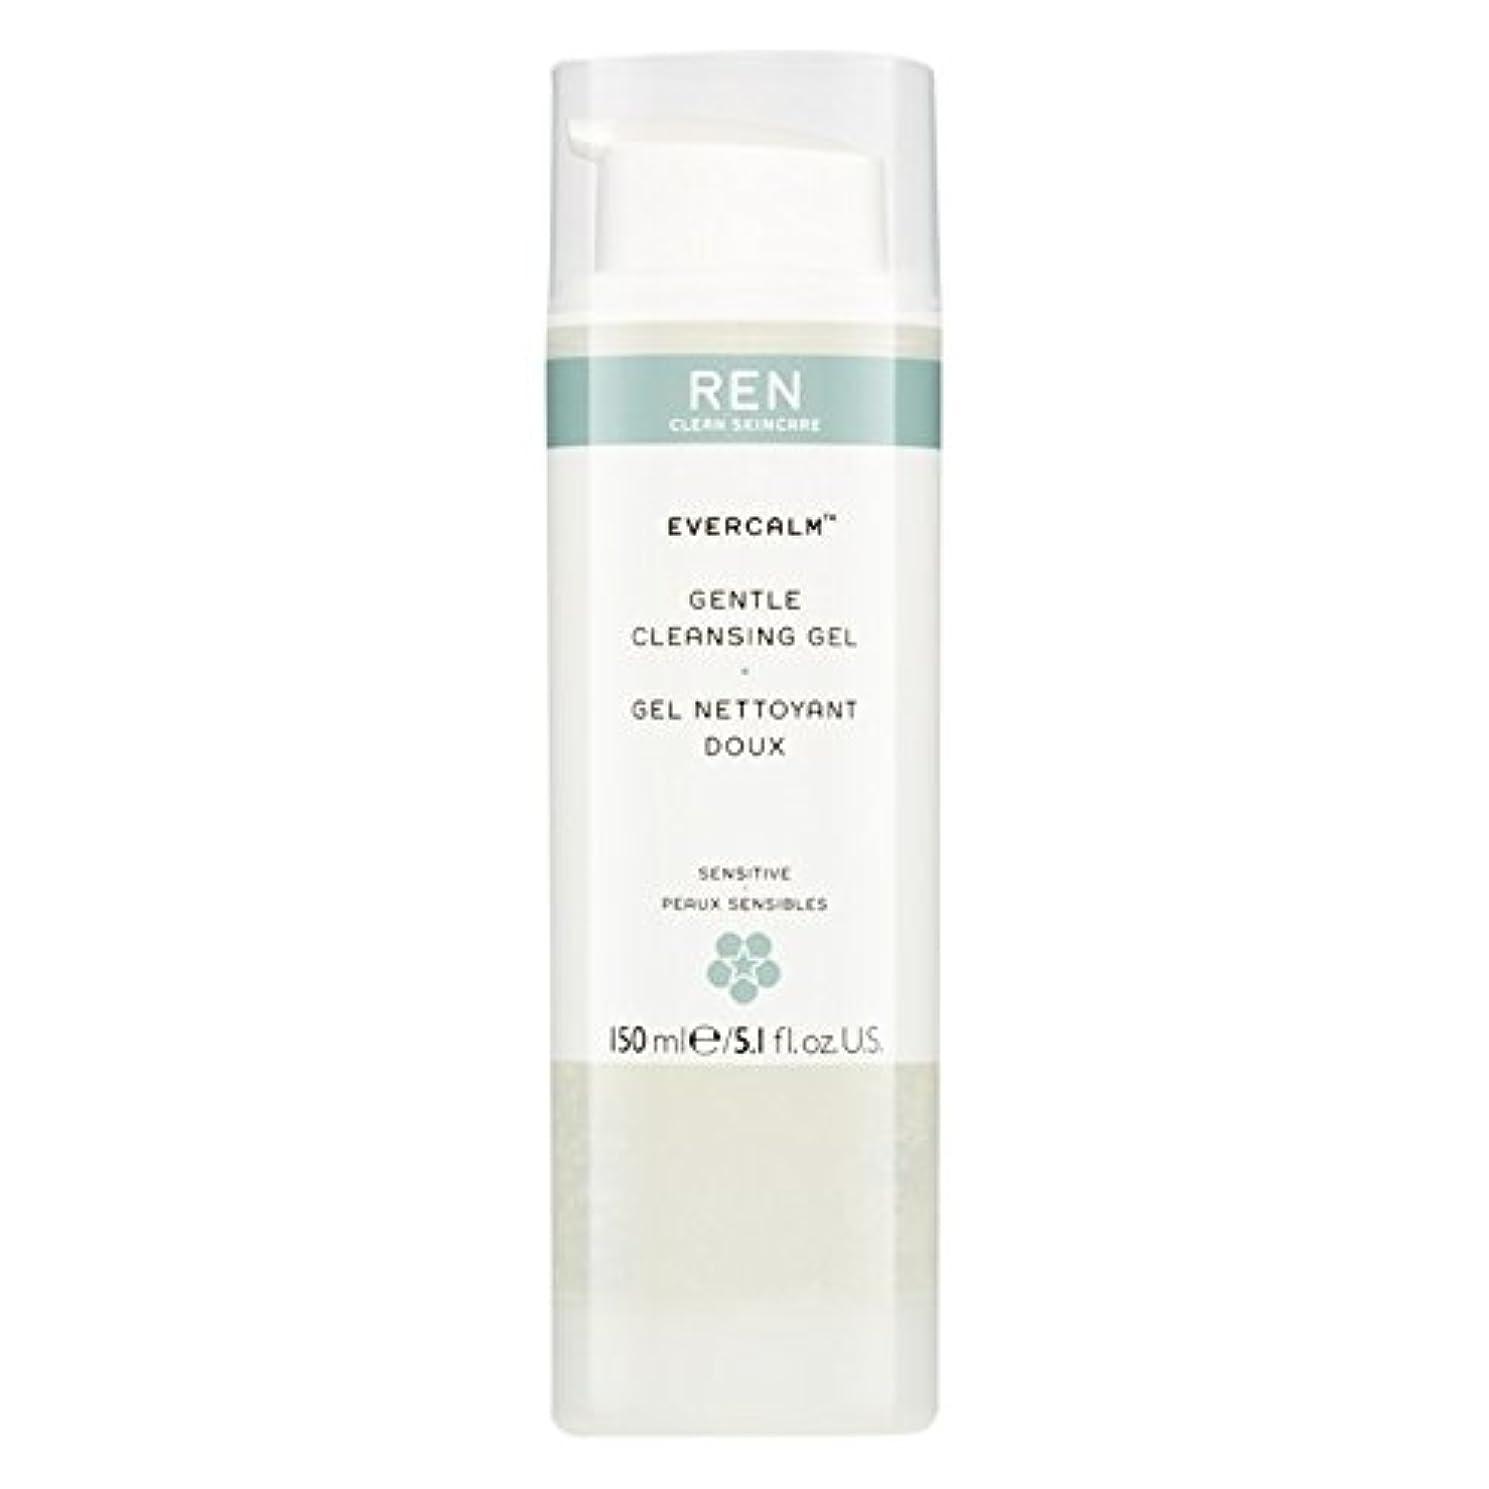 磁石陰謀錆びRen Evercalm優しいクレンジングジェル、150ミリリットル (REN) (x6) - REN Evercalm Gentle Cleansing Gel, 150ml (Pack of 6) [並行輸入品]